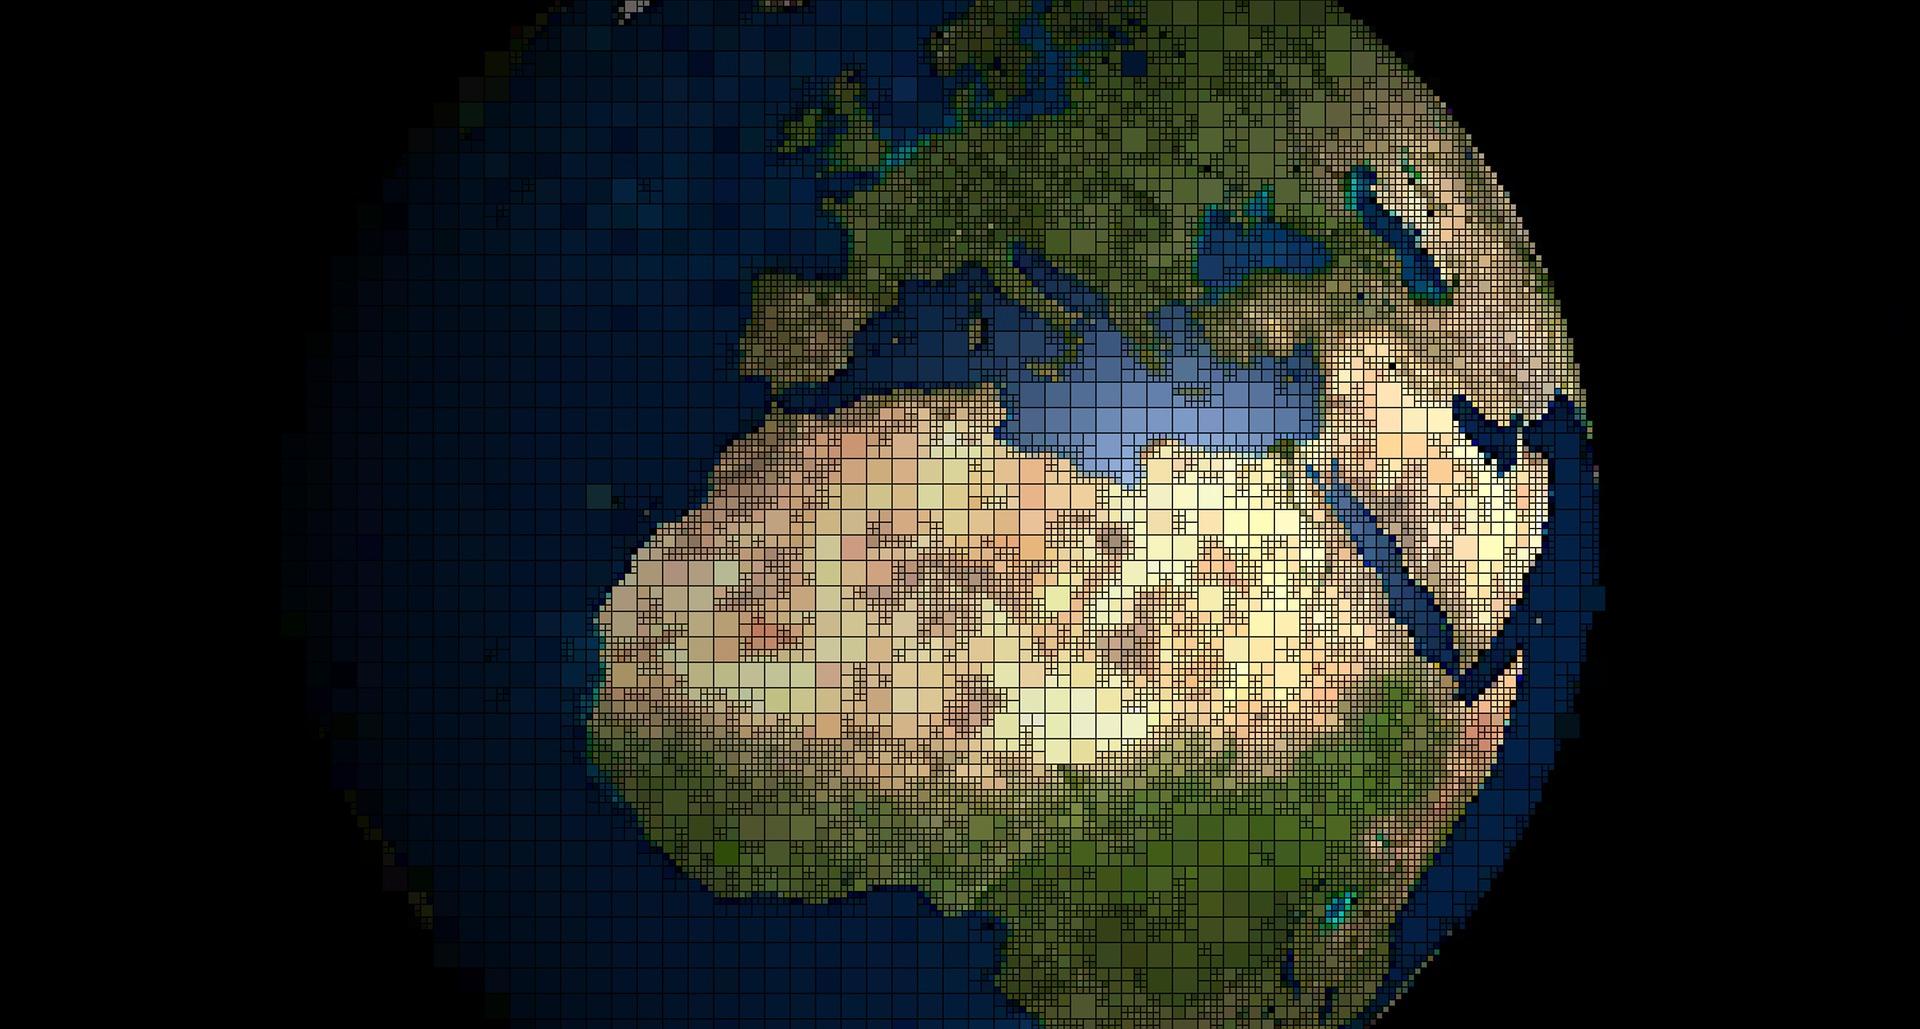 La globalizzazione e la povertà